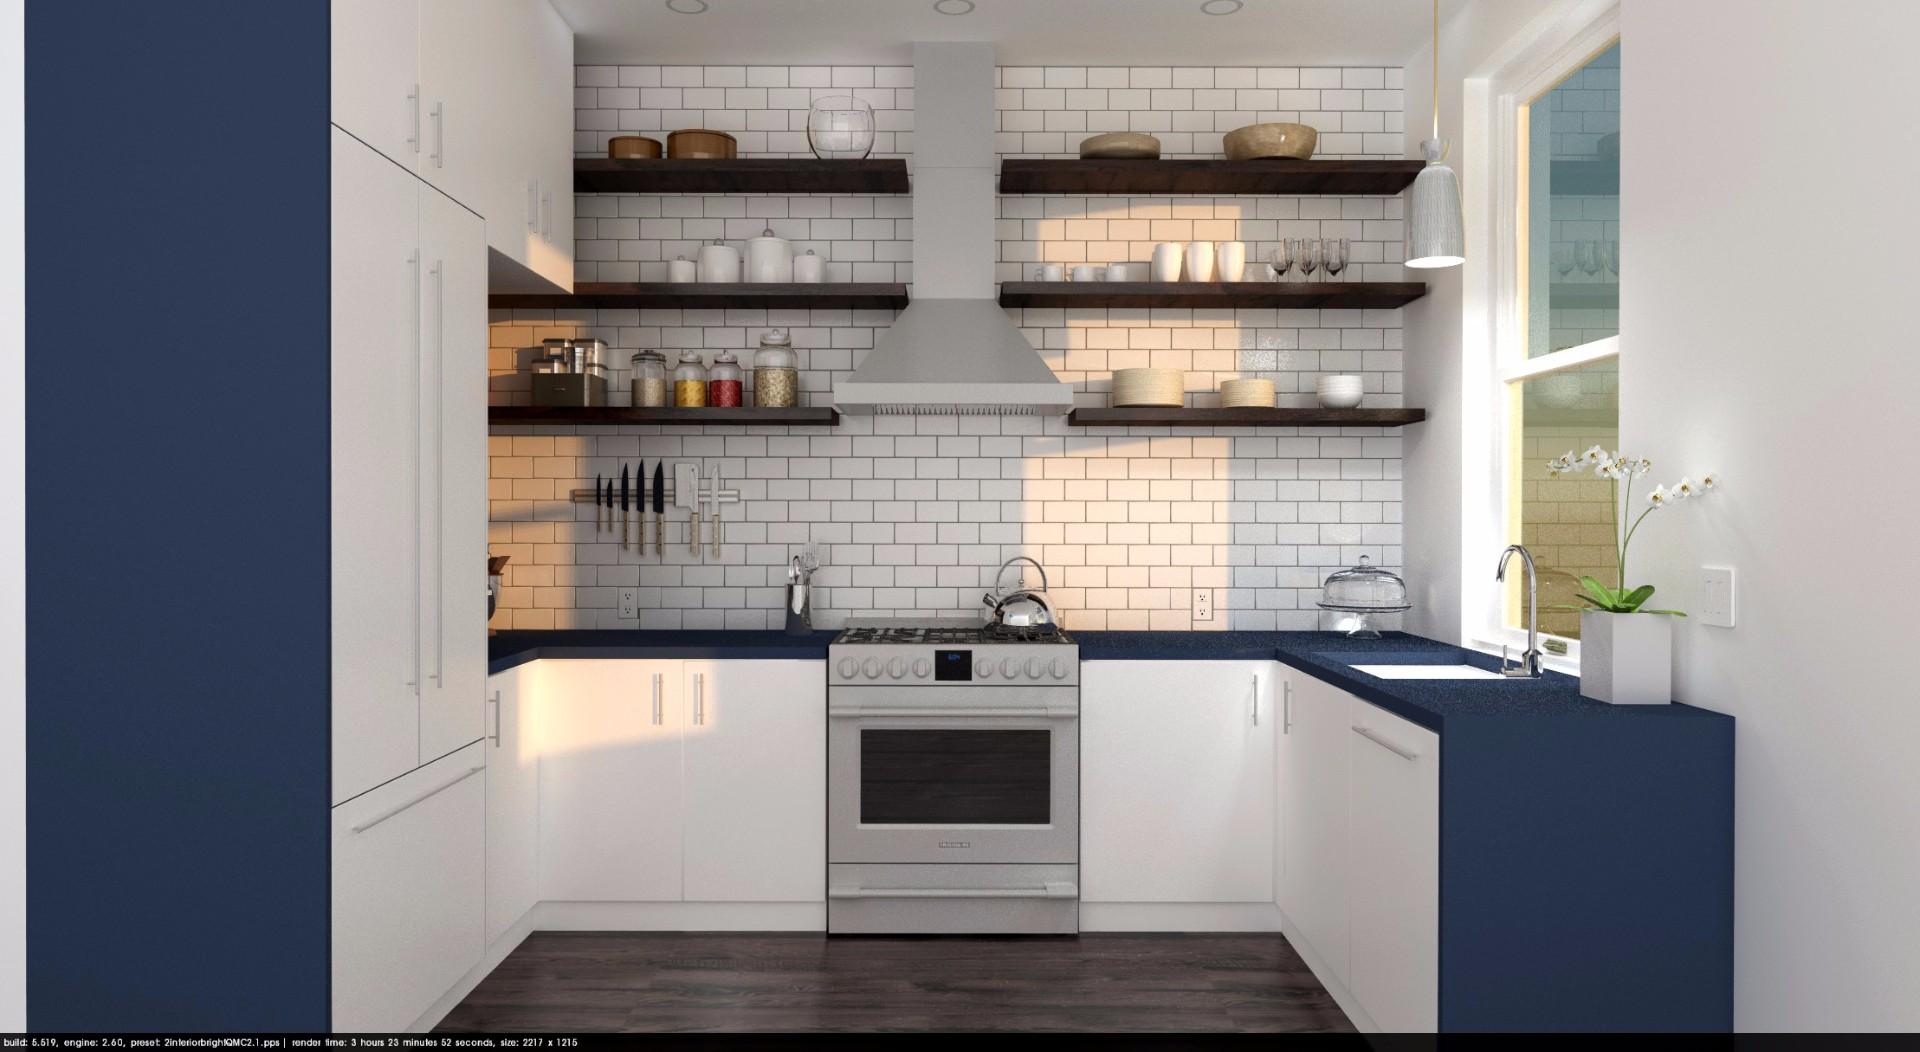 134_Kitchen_day1.jpg